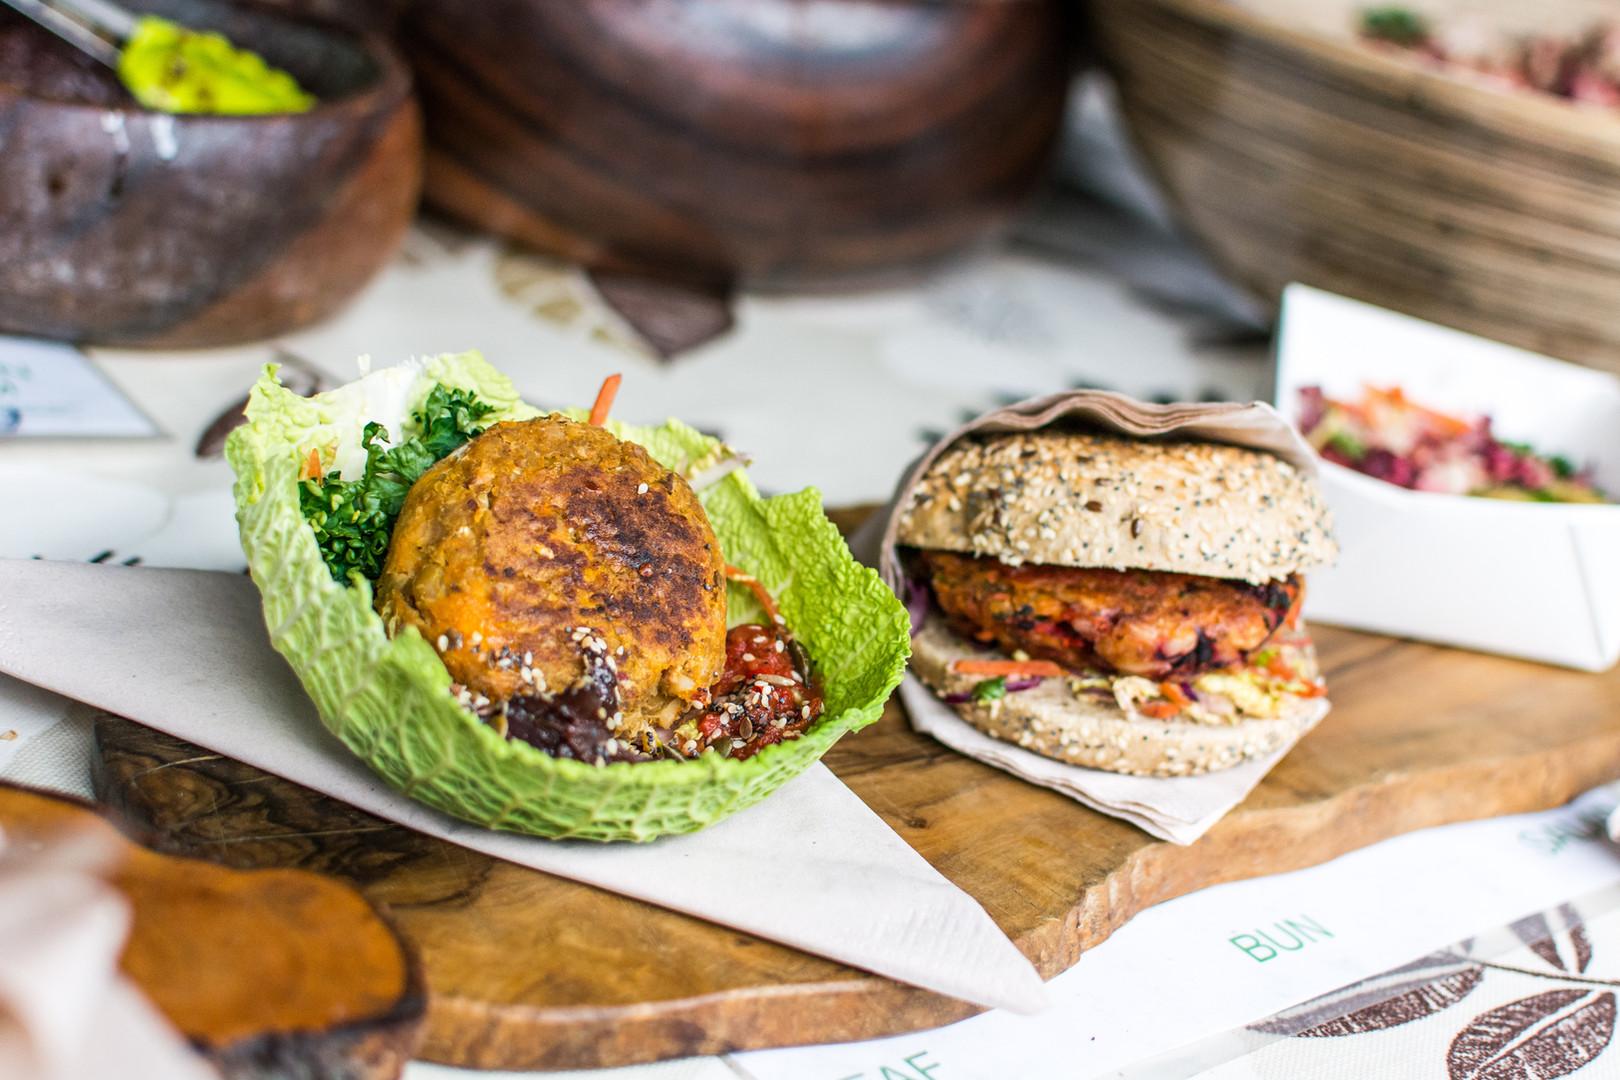 Saludable hamburguesa vegetariana